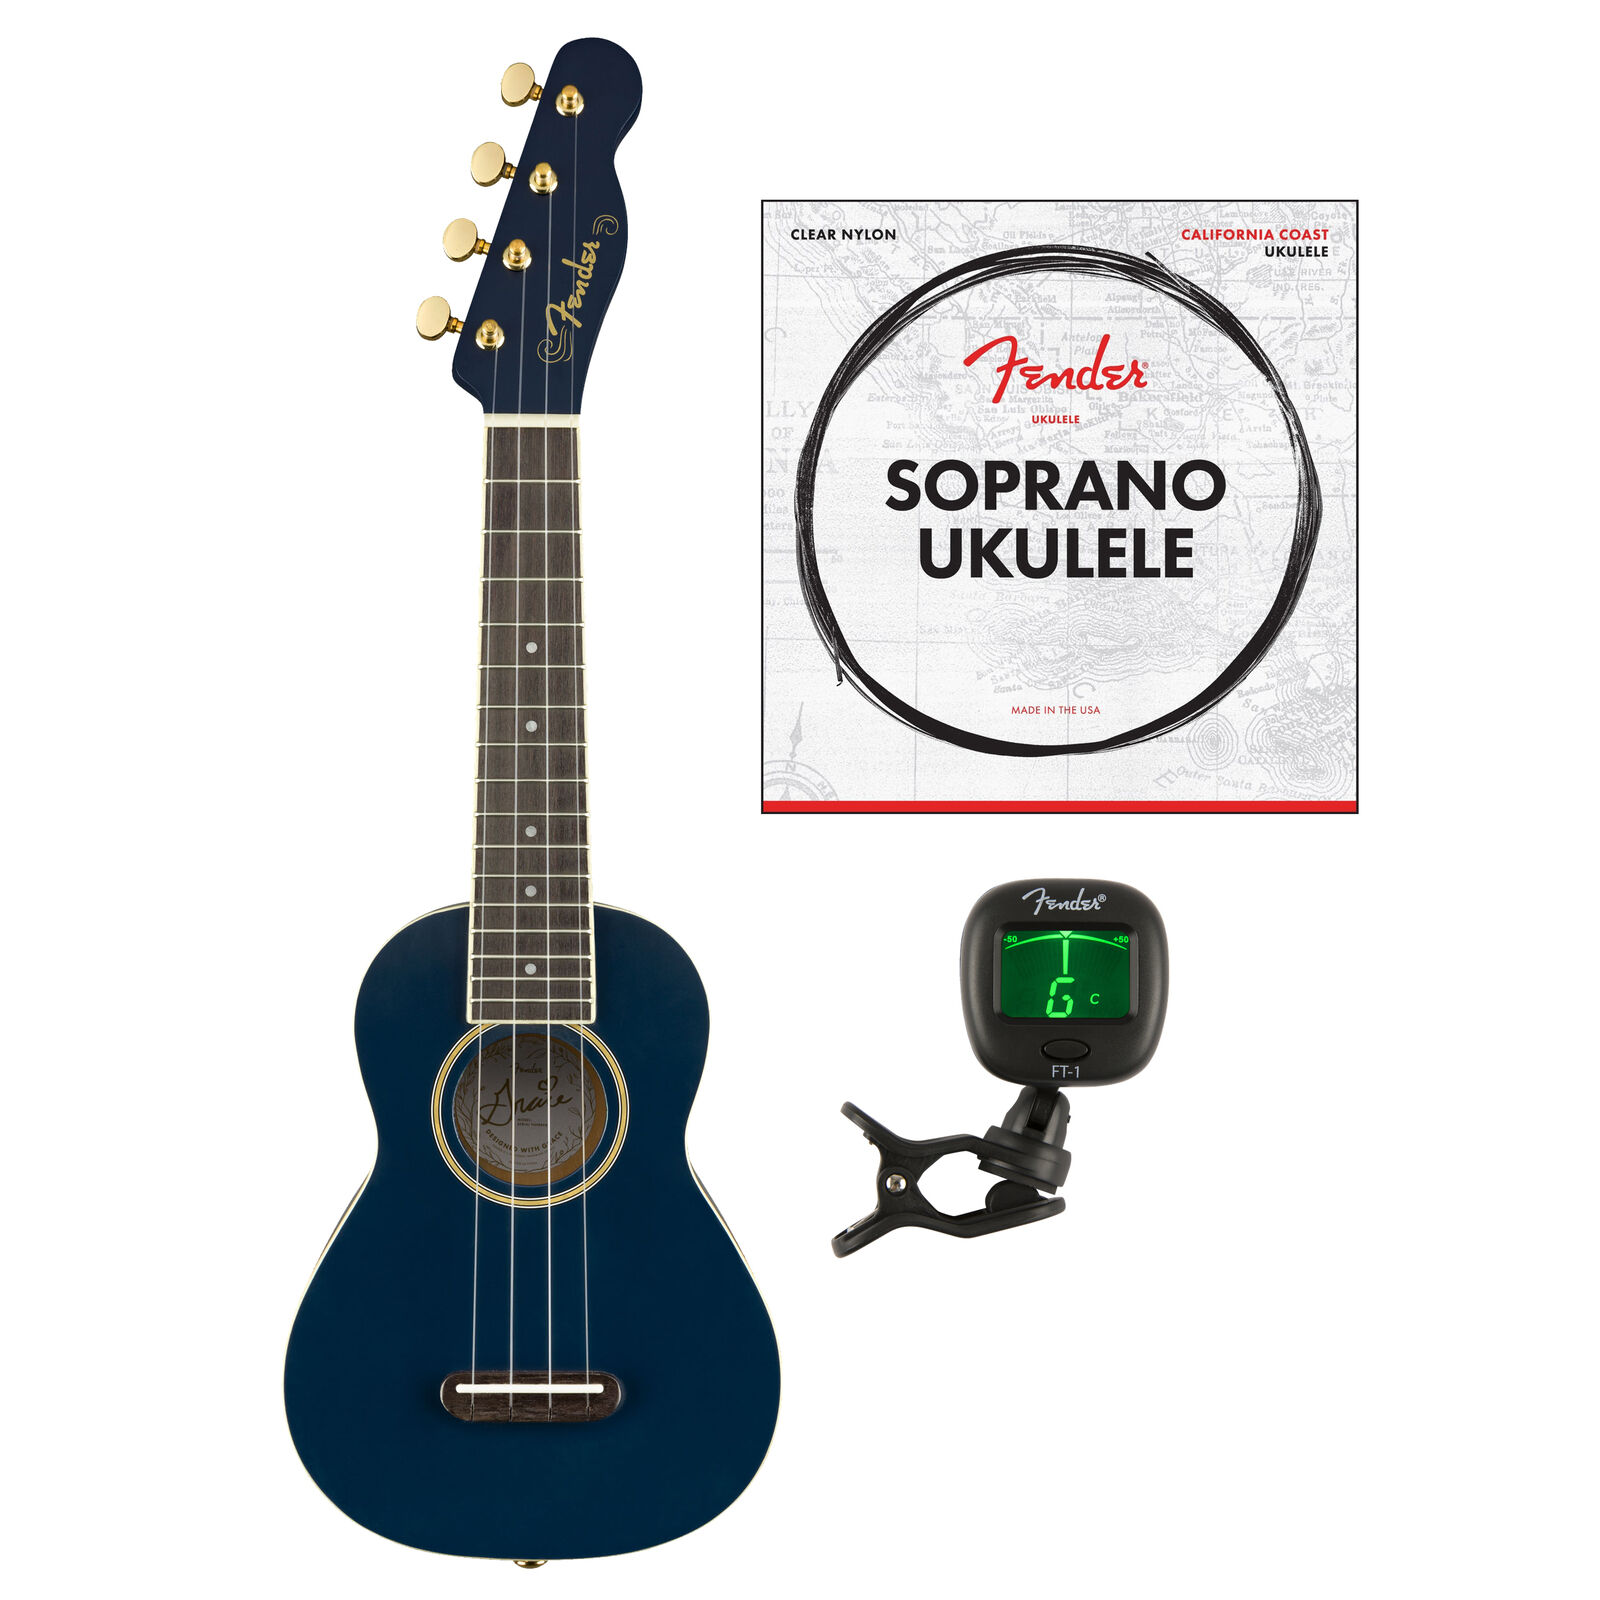 Fender Grace VanderWaal ©comfortable © comfortable §65533; Moonlight comfortable §655330d0d0d0d0d0d0d0d0d0d0d0d0d5d5d0d0d0d0d0d0d0d0d0d0d0d0d0